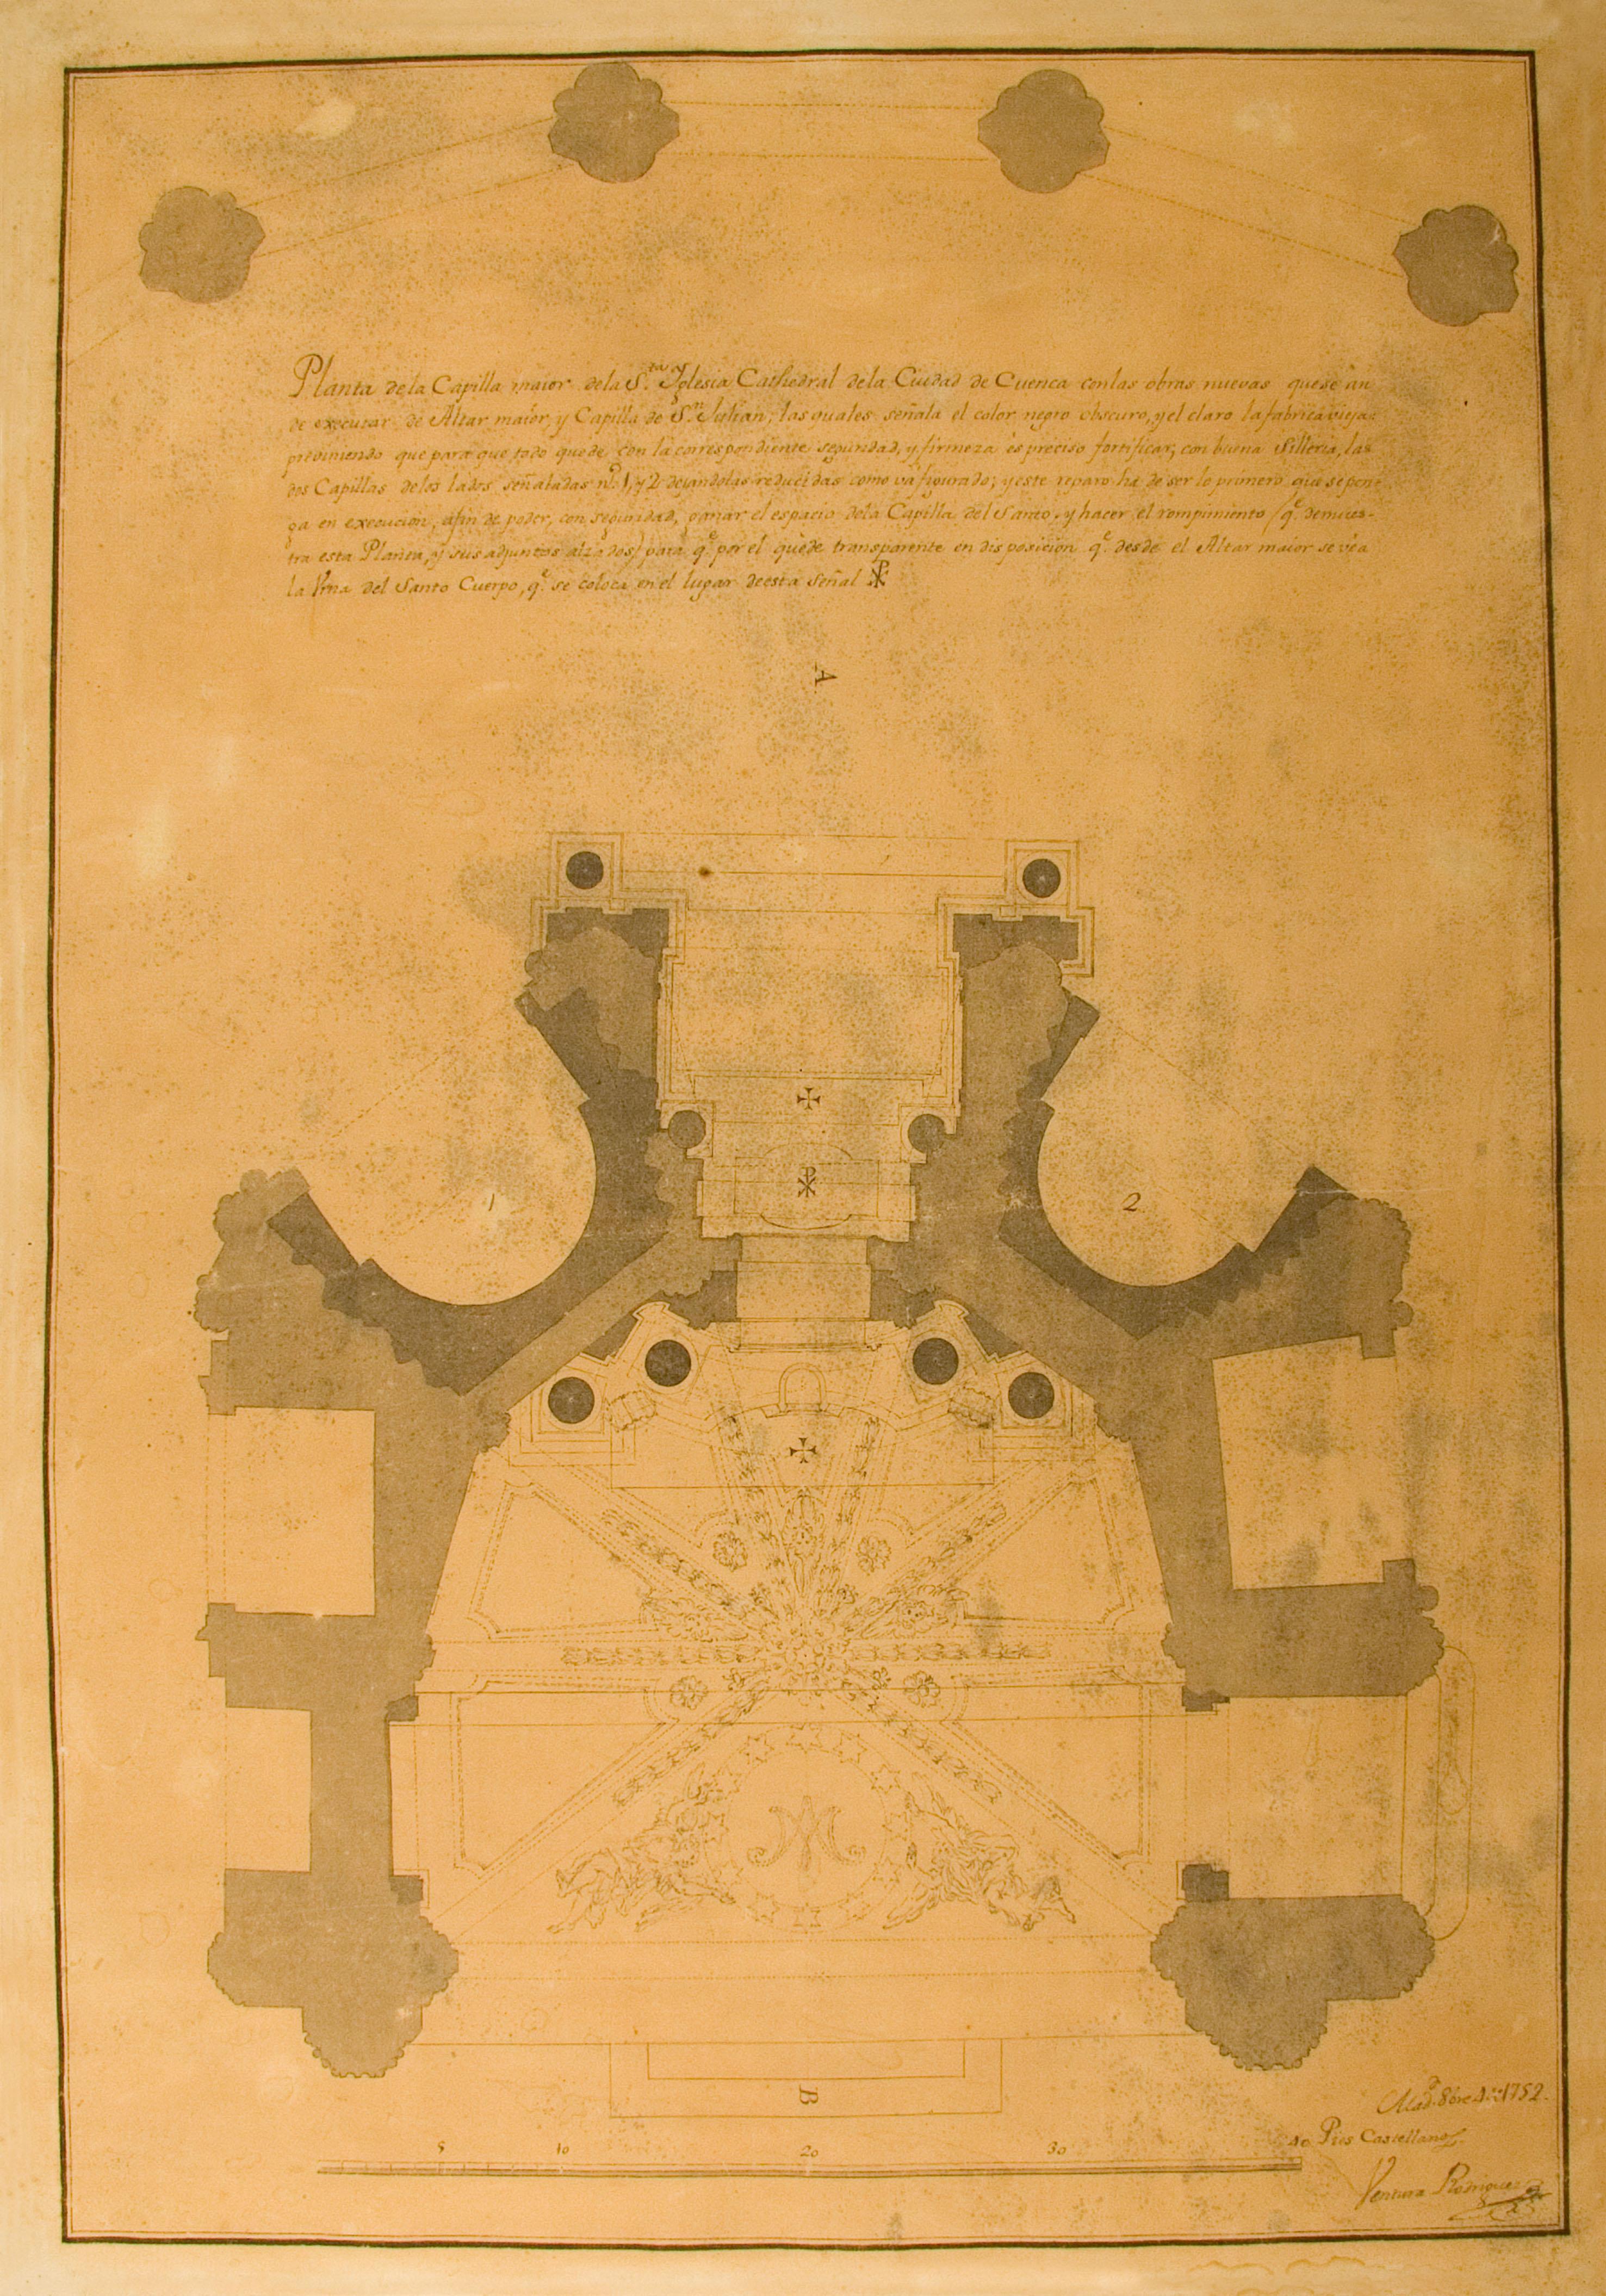 [Proyecto de reforma de la Capilla de San Julian de la Catedral de Cuenca], 1752